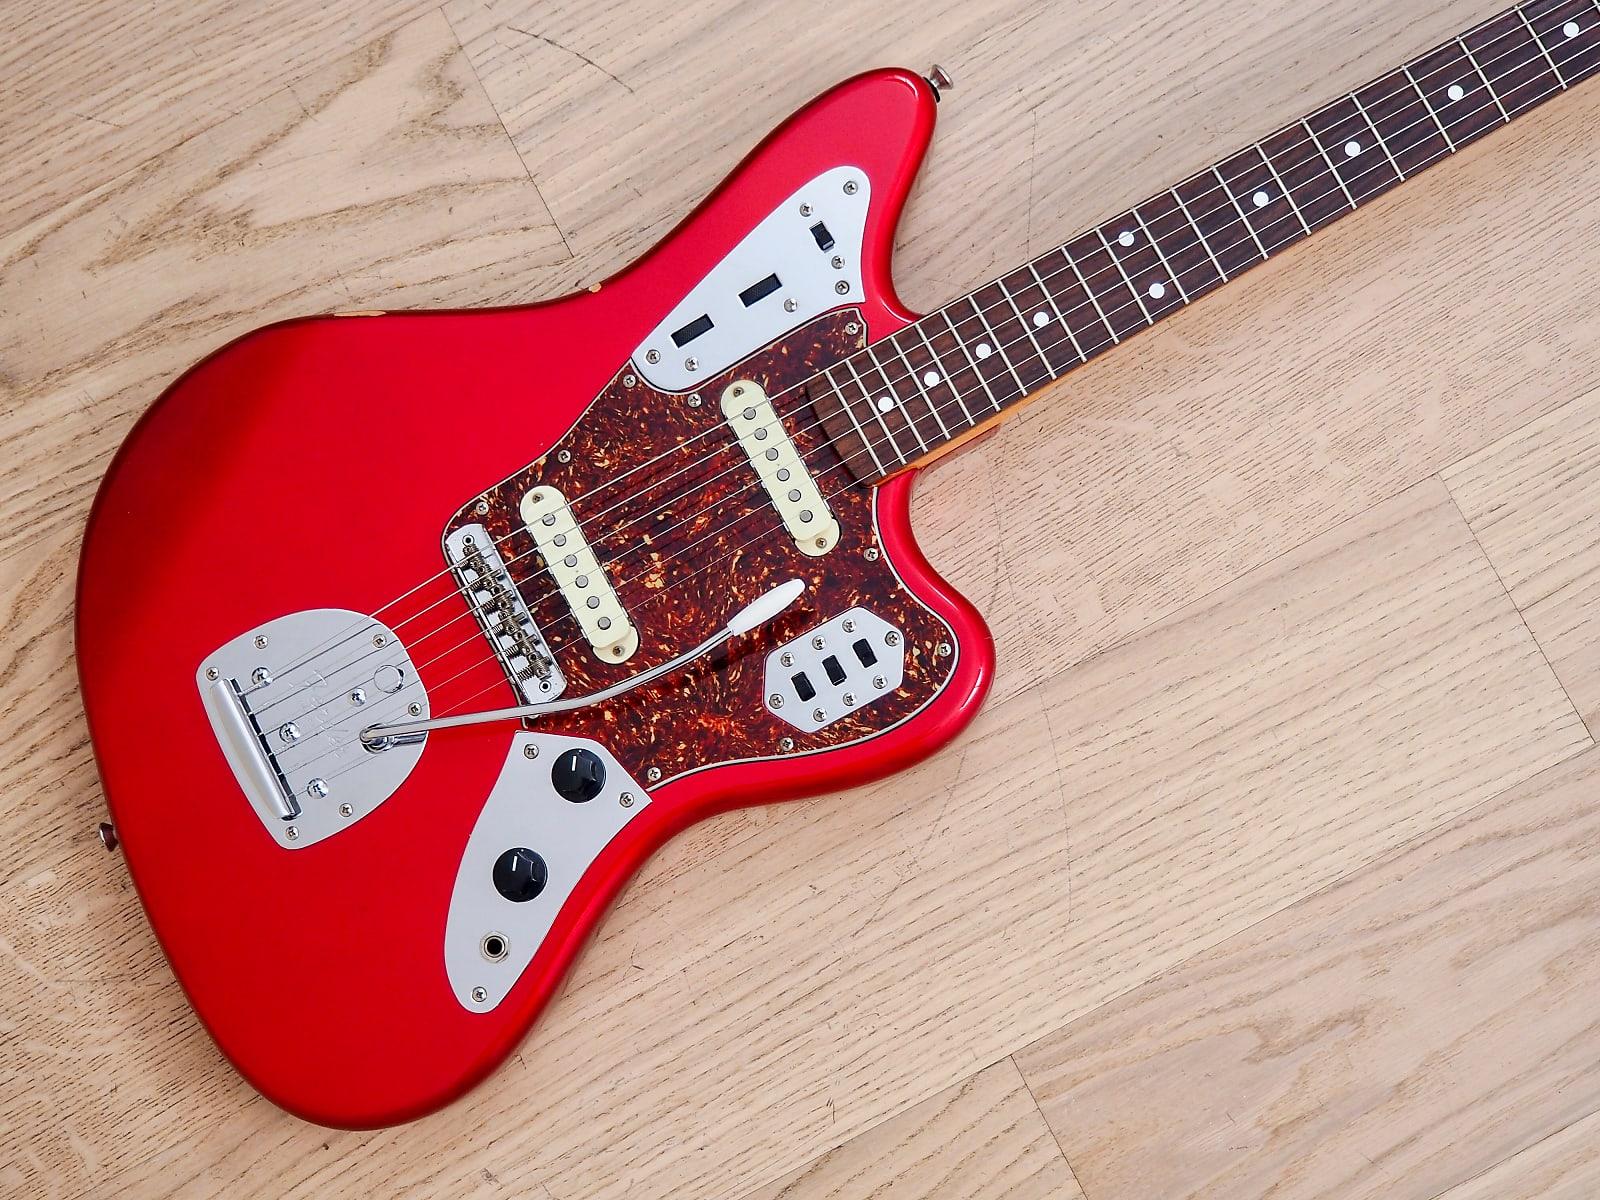 1999 fender jaguar 39 62 vintage reissue guitar jg66 candy apple red japan cij. Black Bedroom Furniture Sets. Home Design Ideas